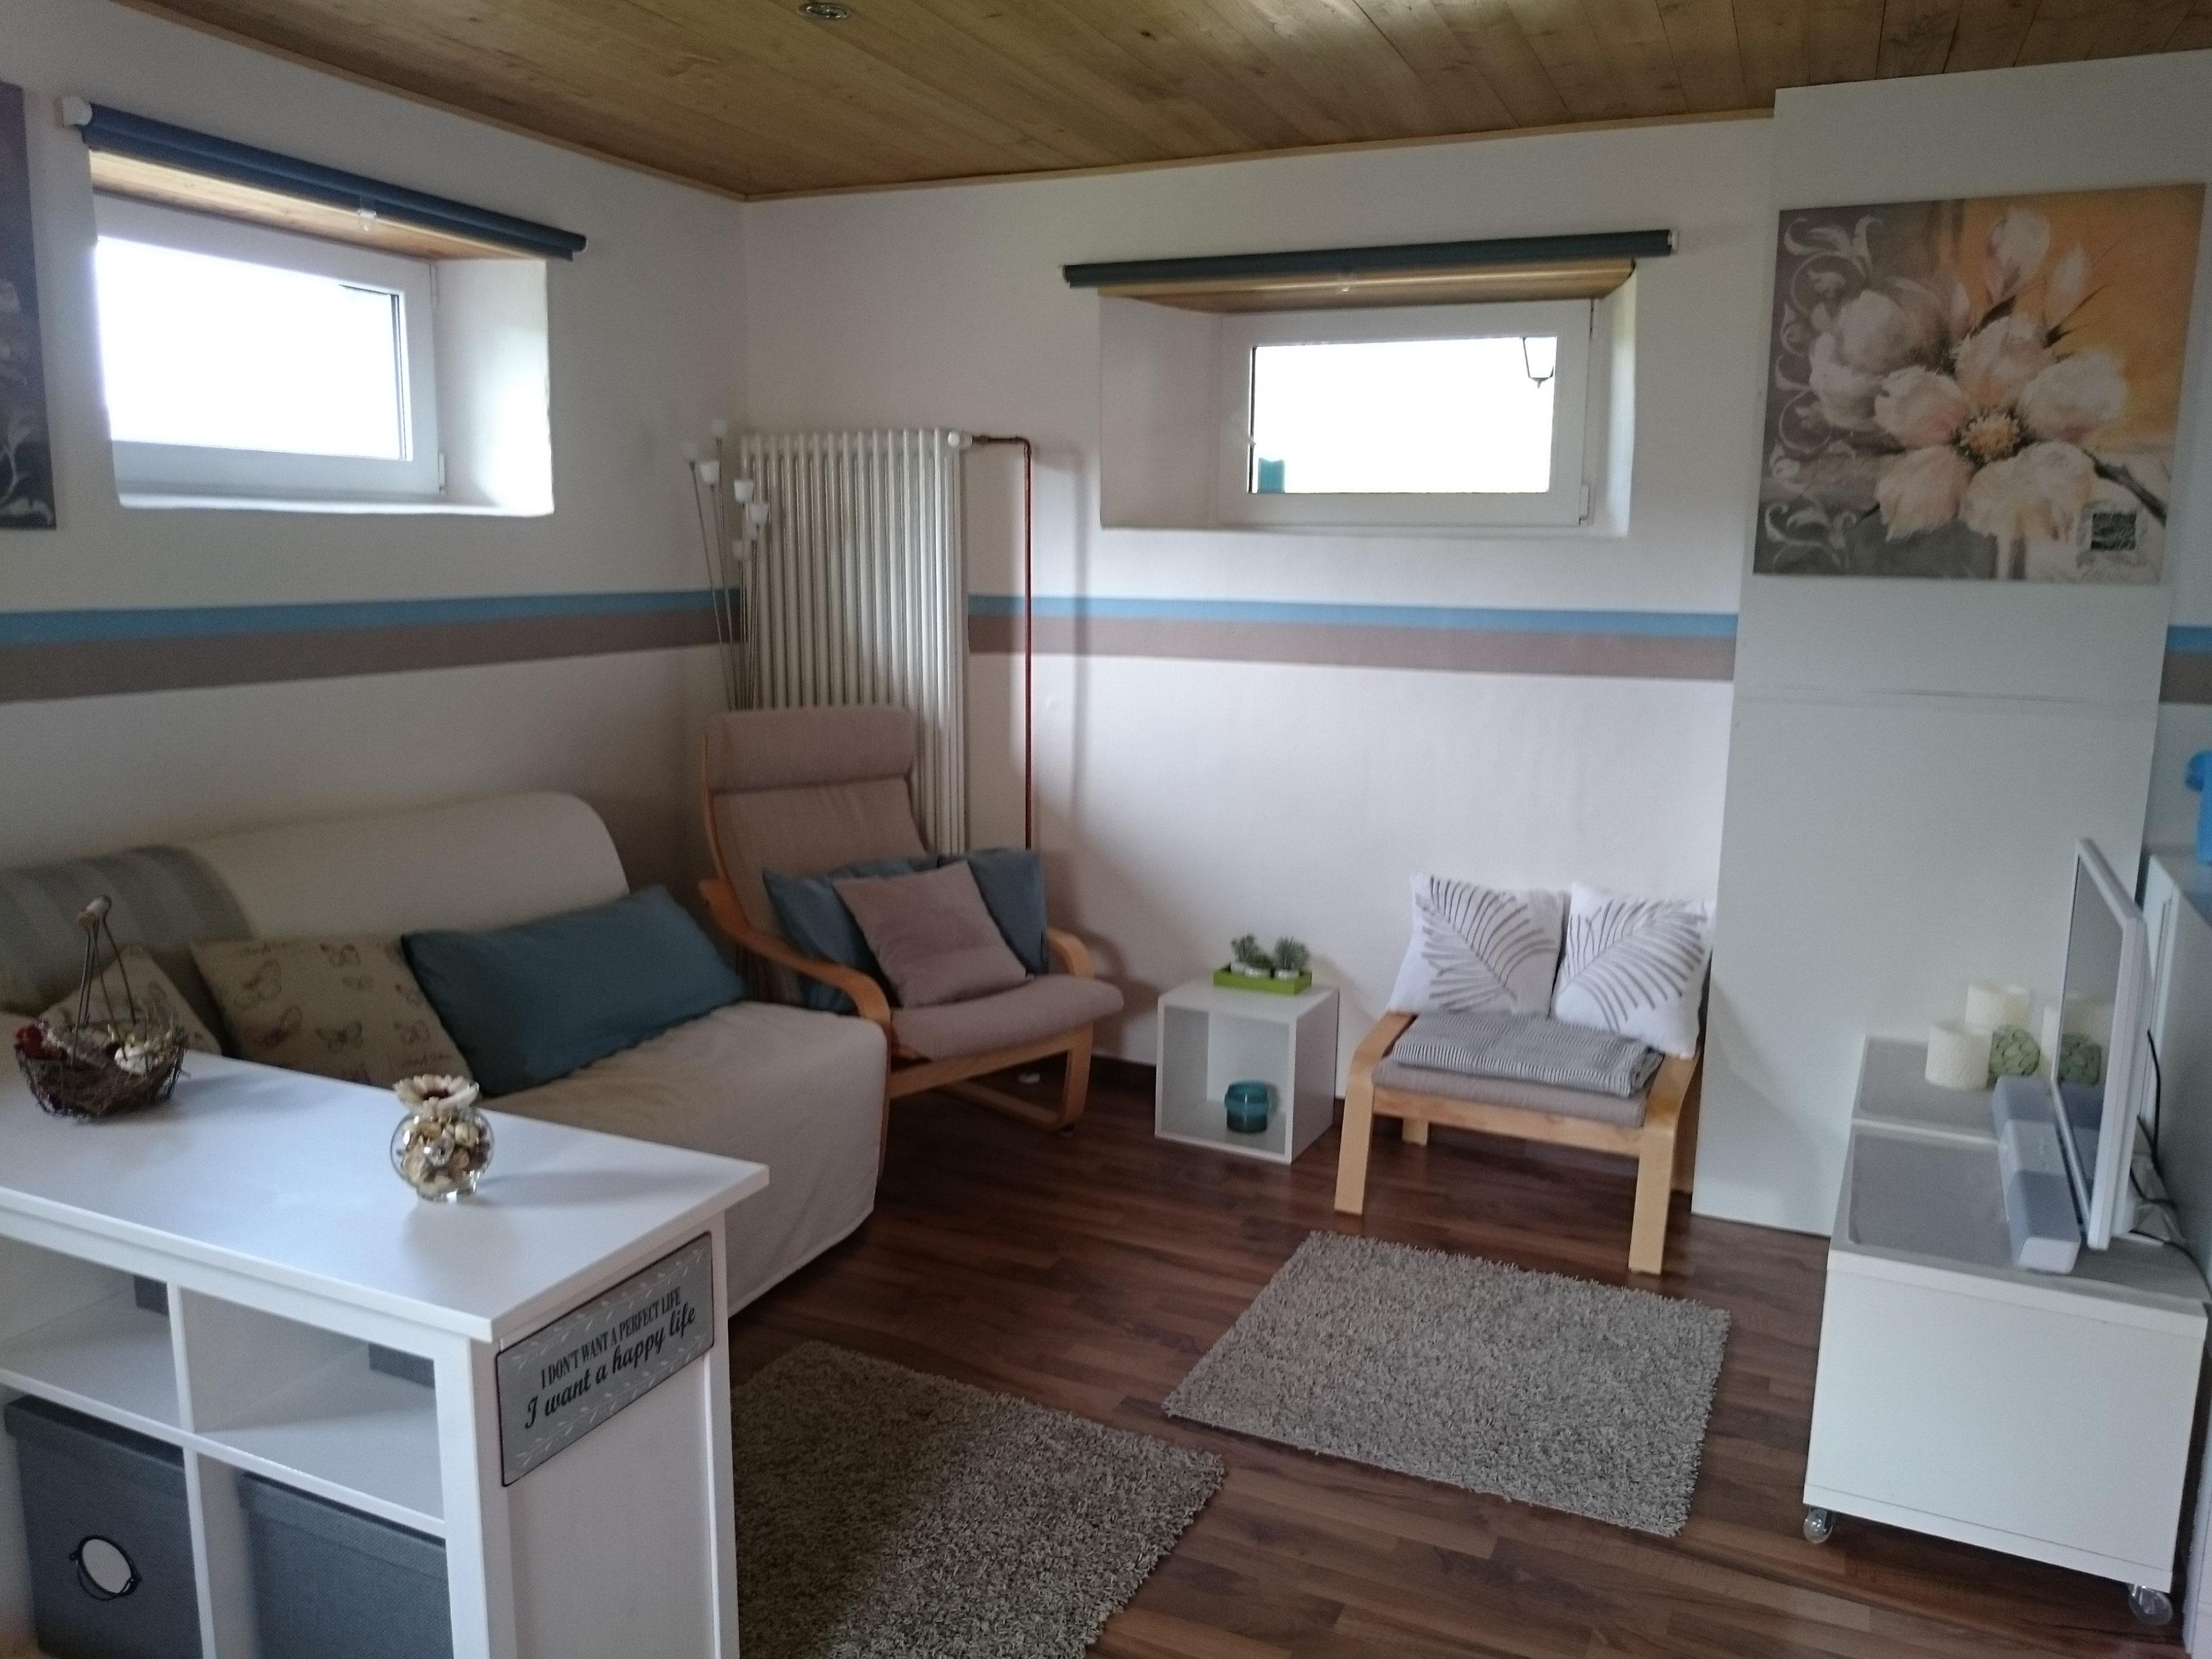 umgestaltung haus und garten wo anfangen my body balance. Black Bedroom Furniture Sets. Home Design Ideas